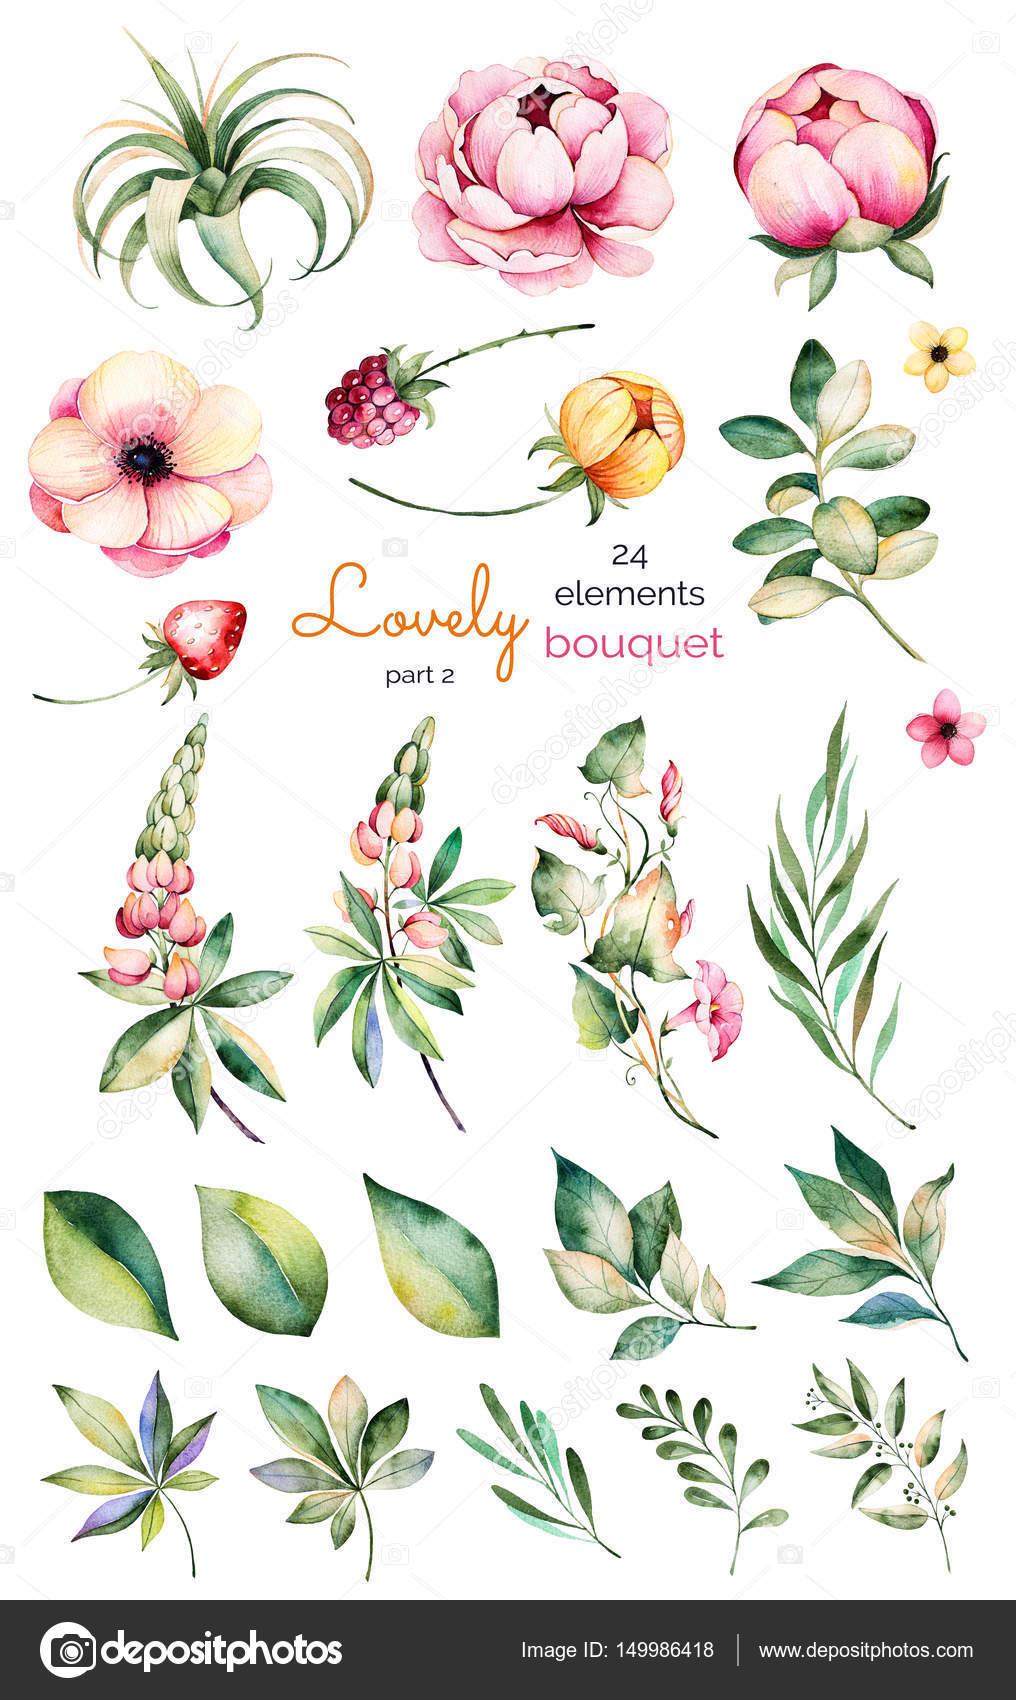 Imagenes Flores Hermosas Para Dibujar Faciles Coleccion Foral Con